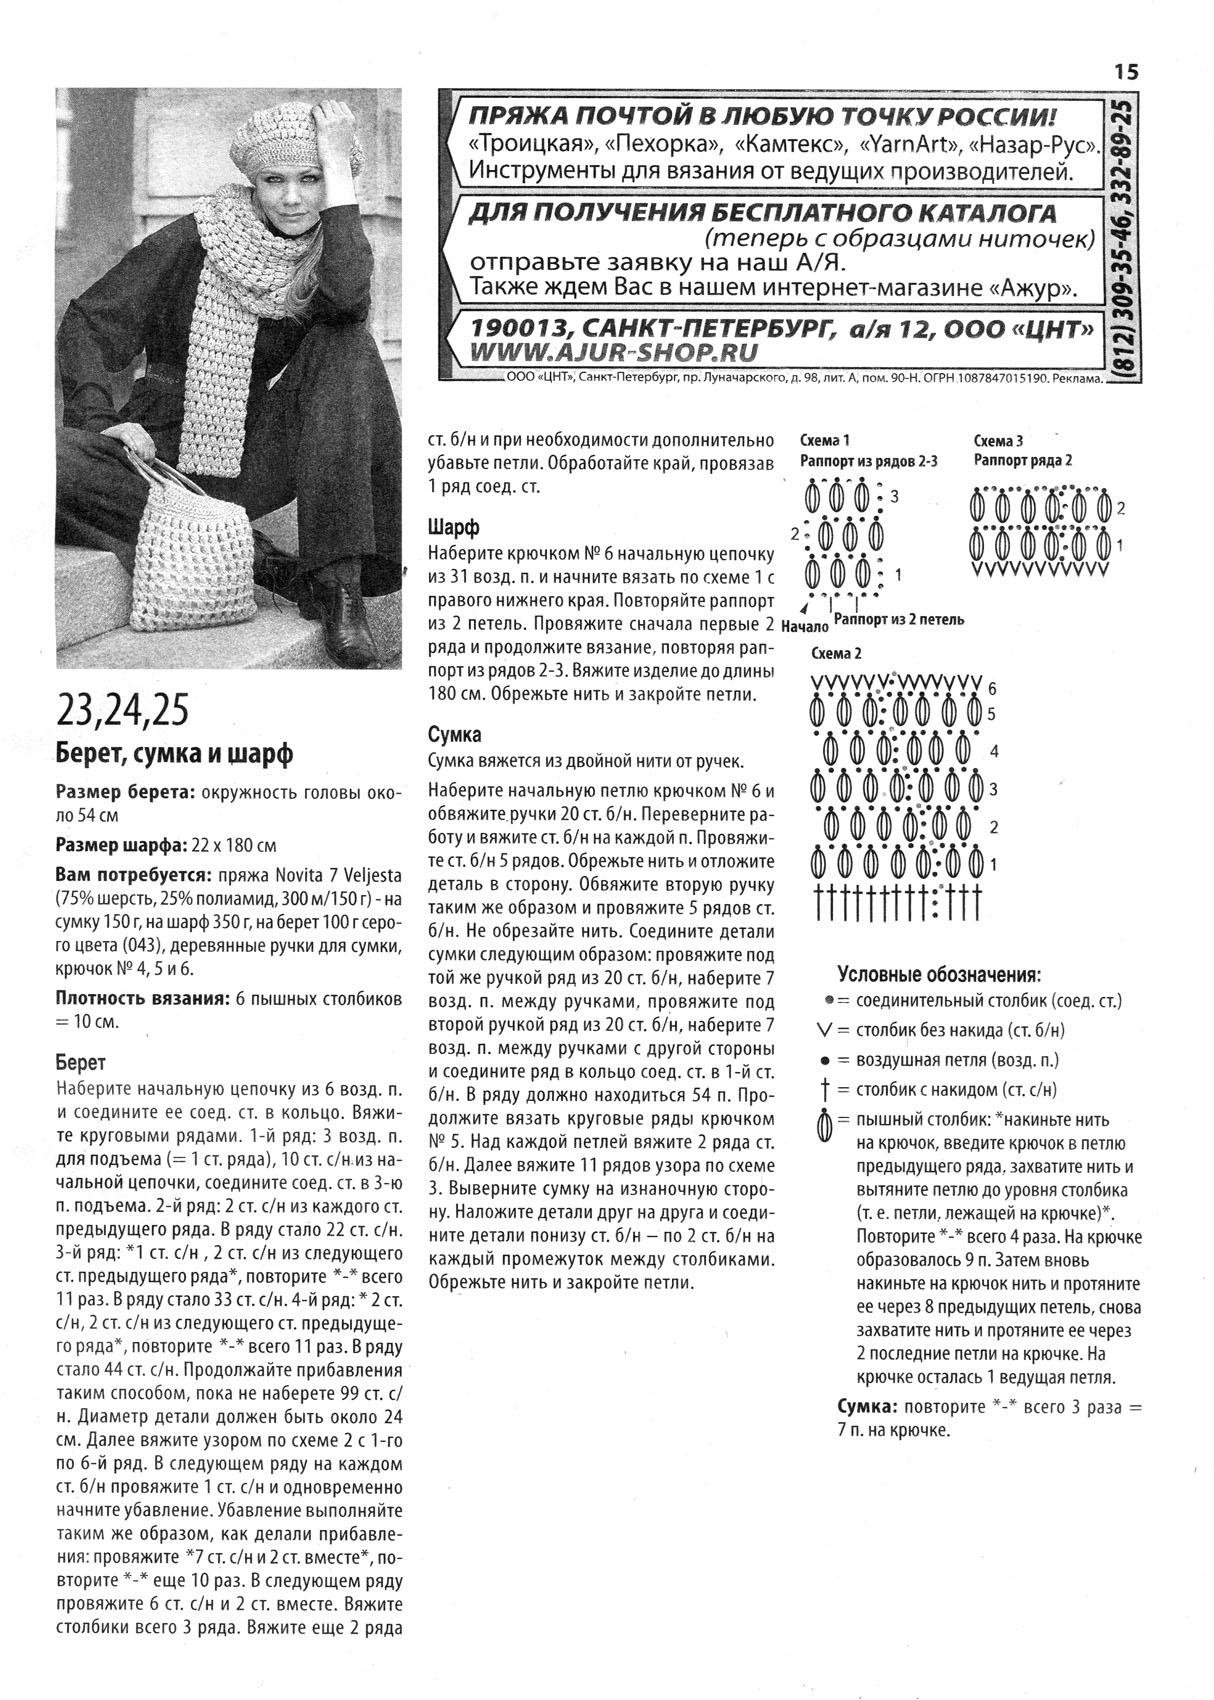 http://kruchcom.ru/wp-content/uploads/2011/02/18-3.jpg